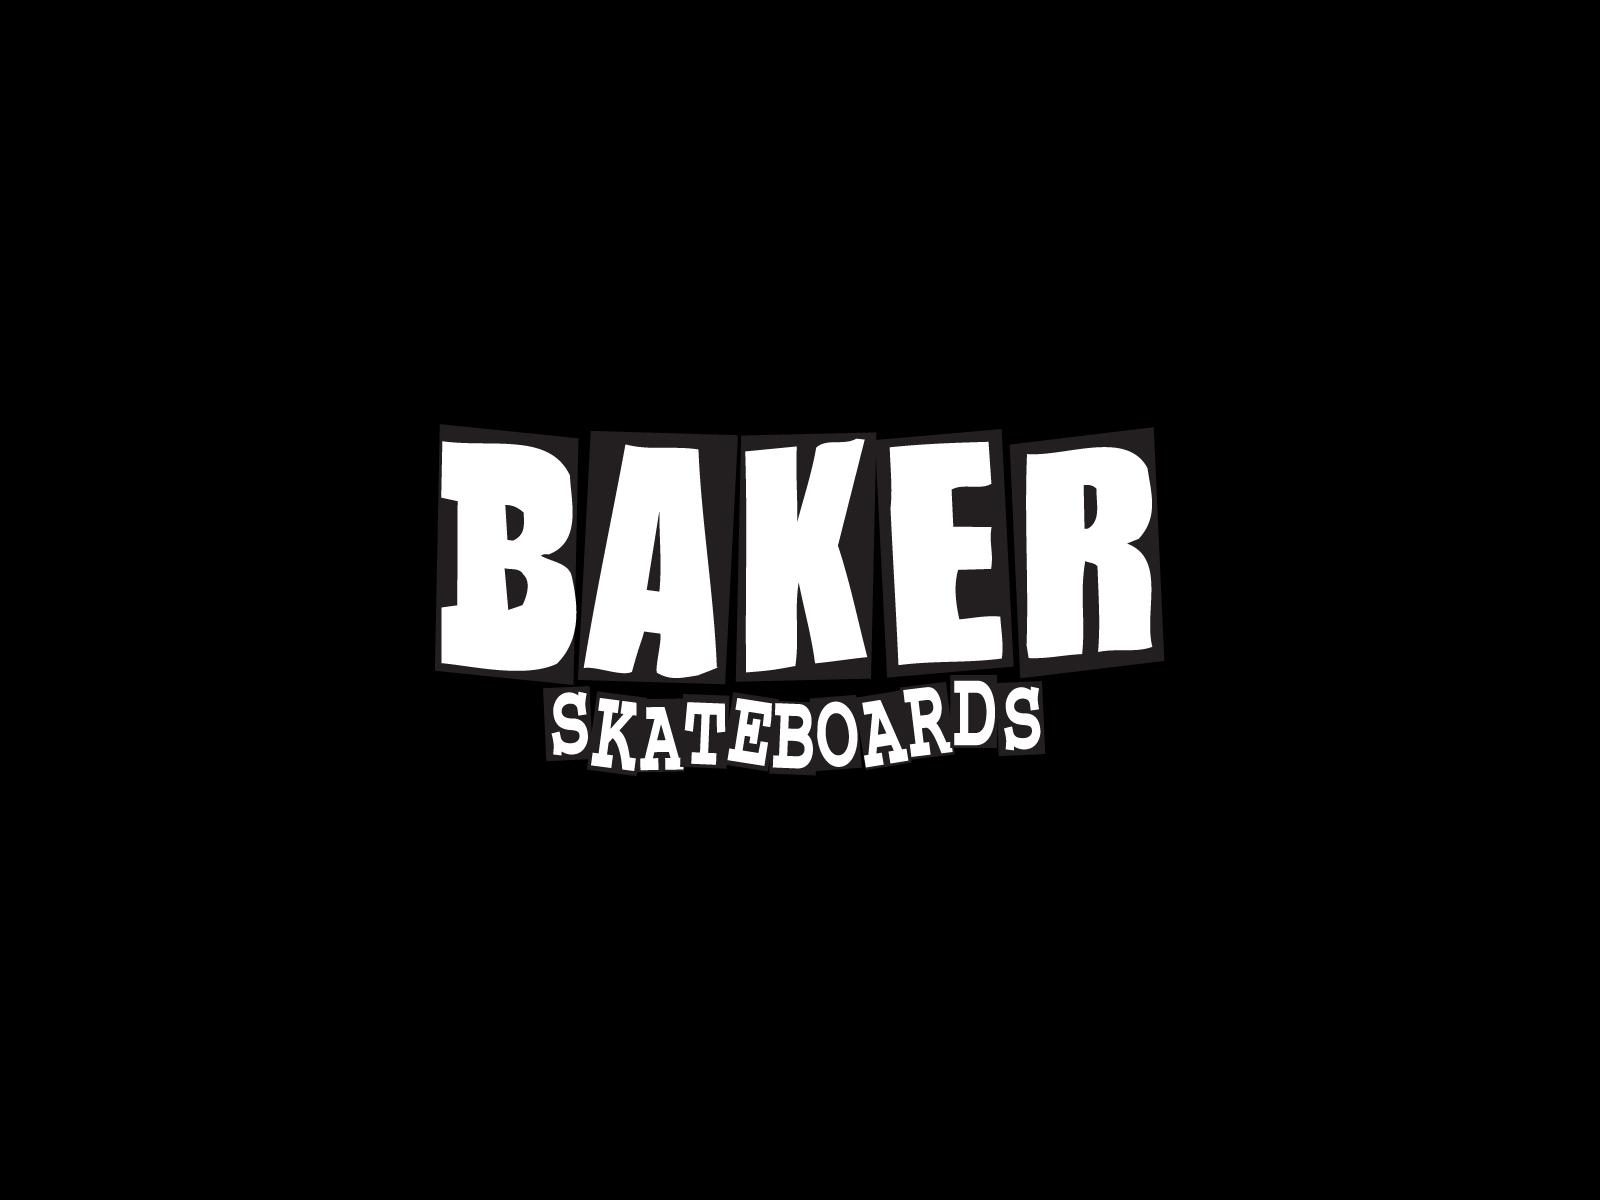 Girl Skateboards Iphone Wallpaper Baker skateboards logo 1600x1200